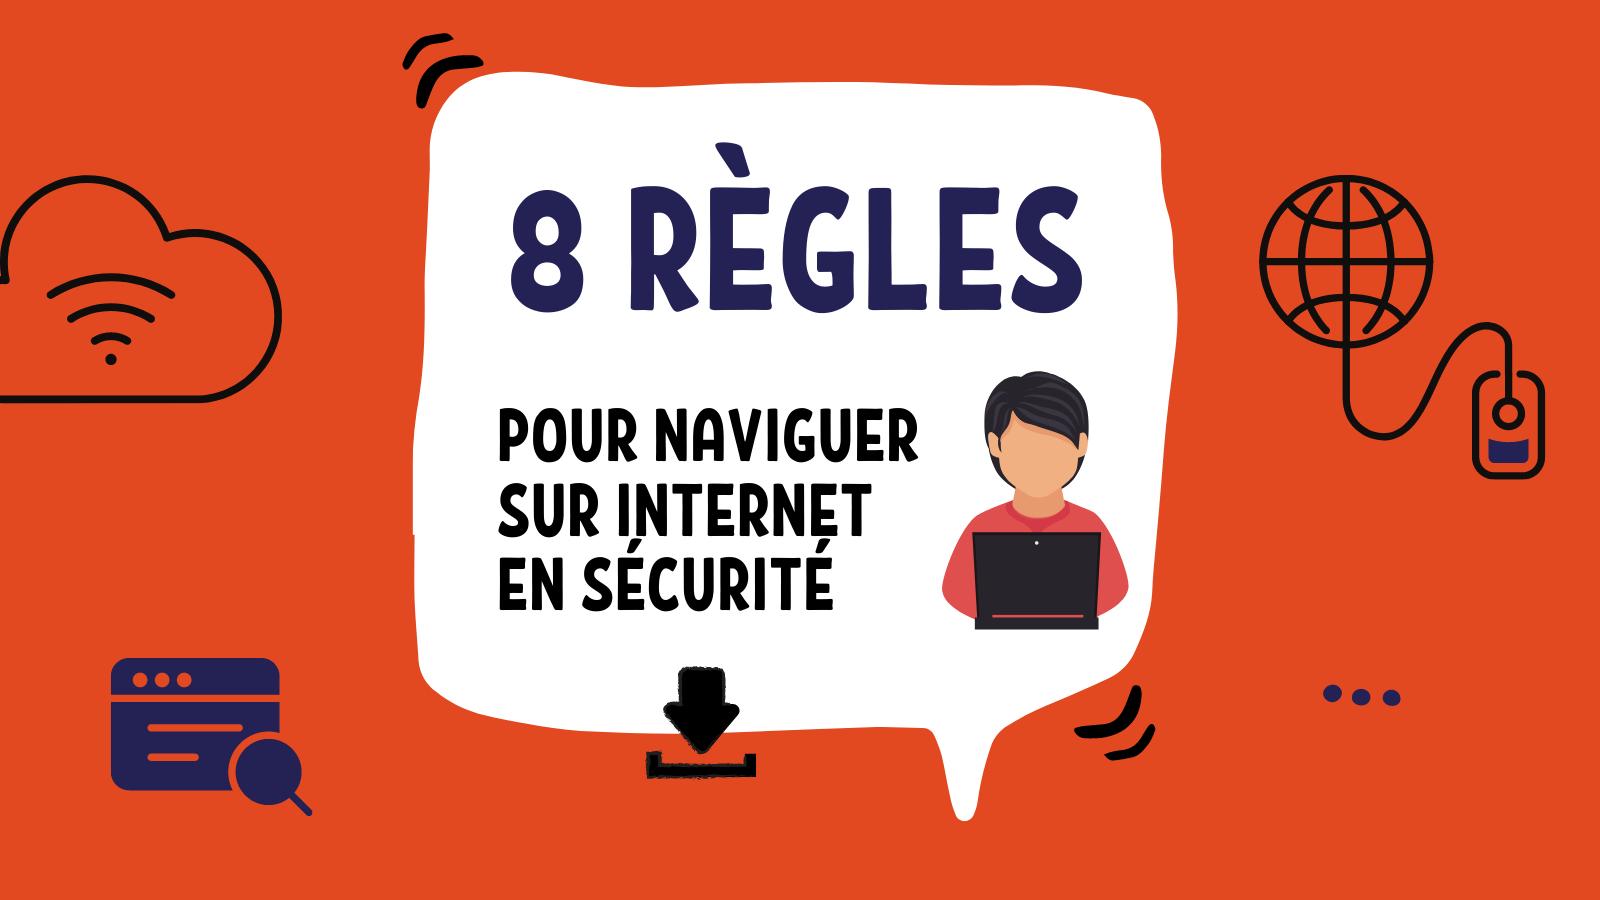 8 règles pour naviguer sur Internet en sécurité - featured image